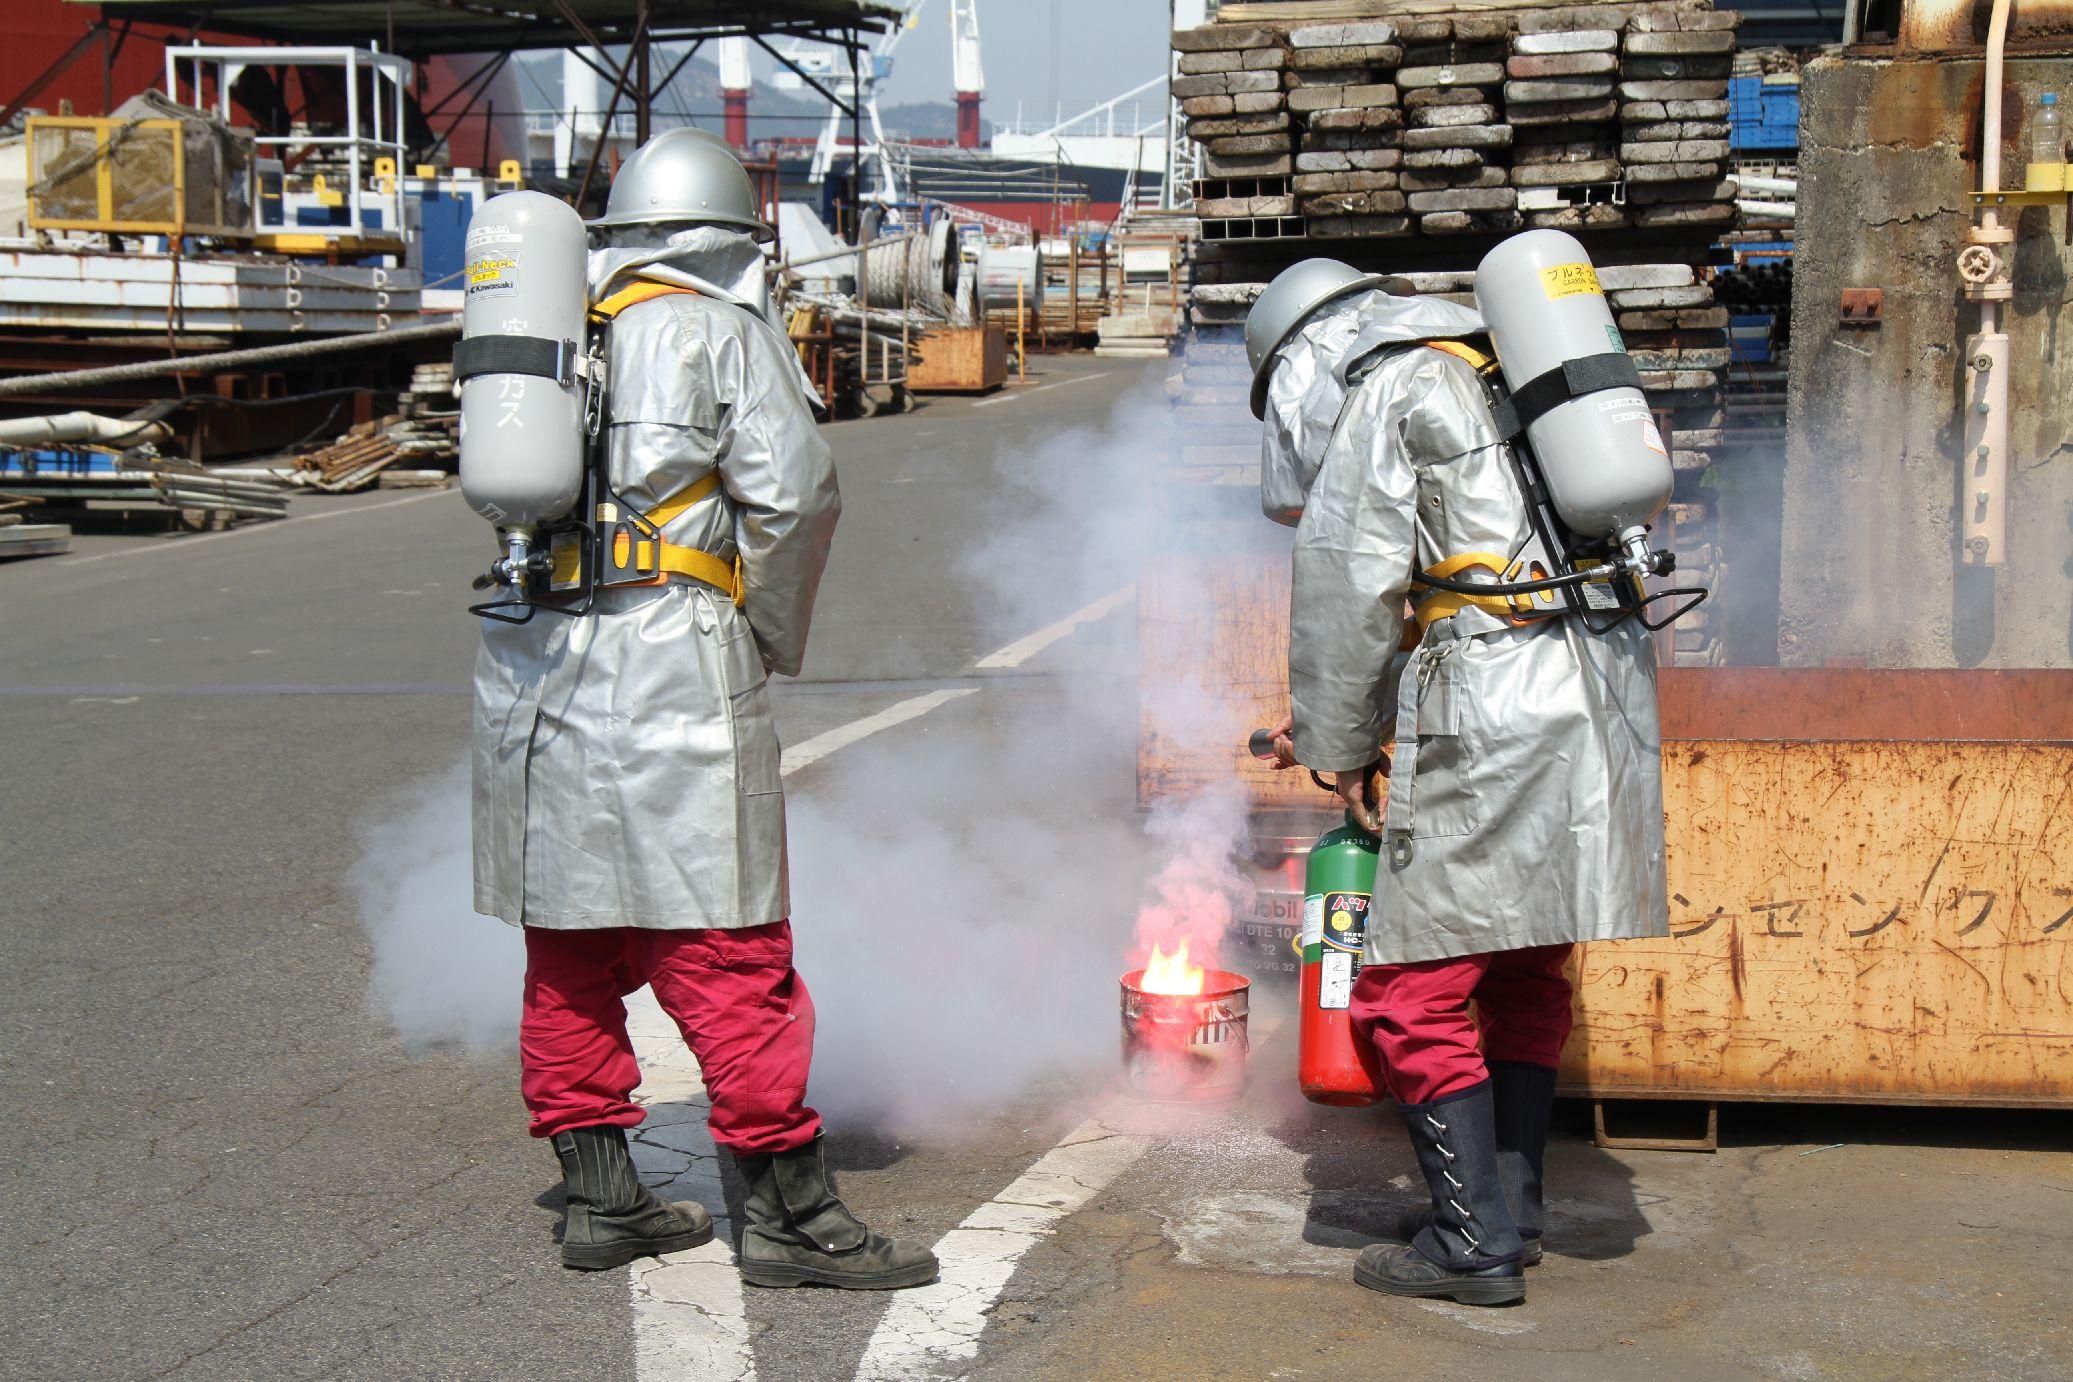 火災現場で自衛消防隊が初期消火活動